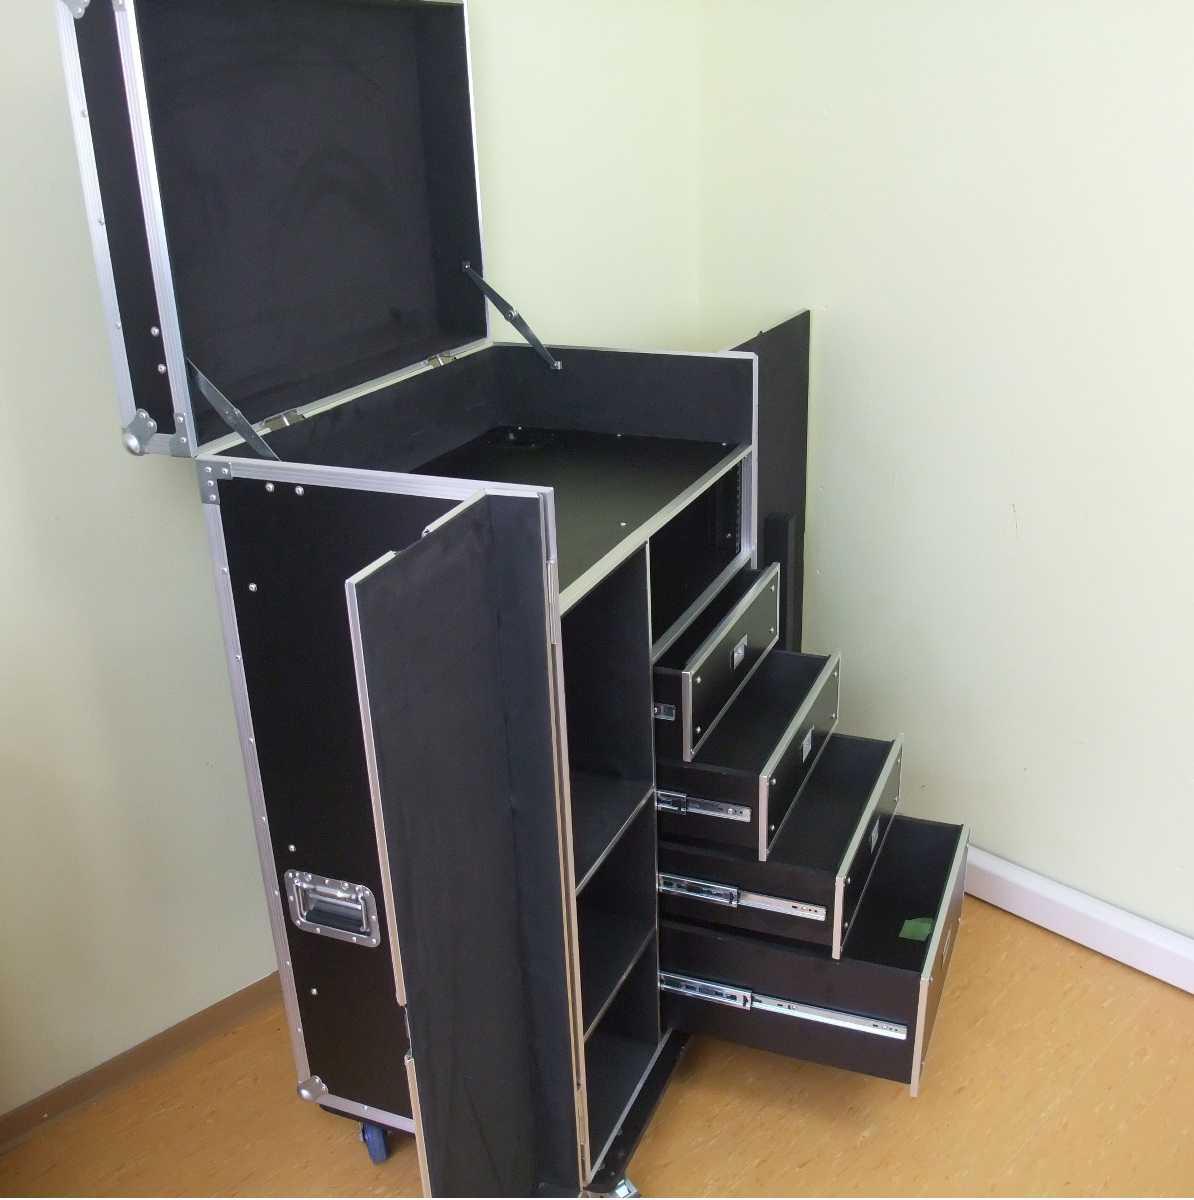 schubladencase dpc 1 mit tisch pult rollen tourcase. Black Bedroom Furniture Sets. Home Design Ideas